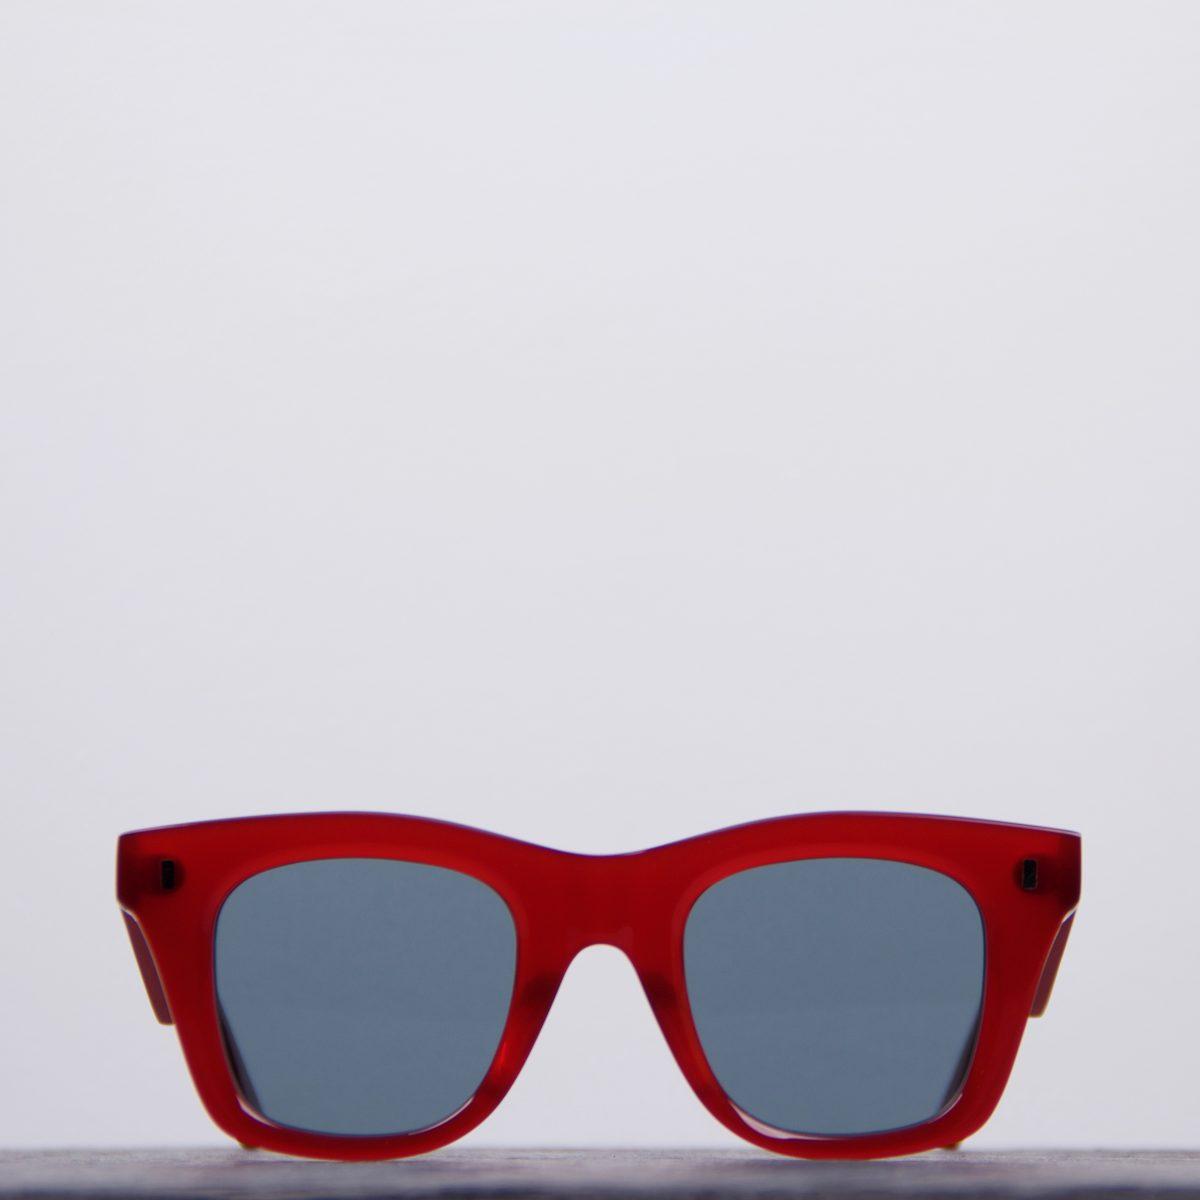 38f7d029d2d525 Lunette rouge Céline CL 40057I 66v, lunette Céline, Optique27, Aix